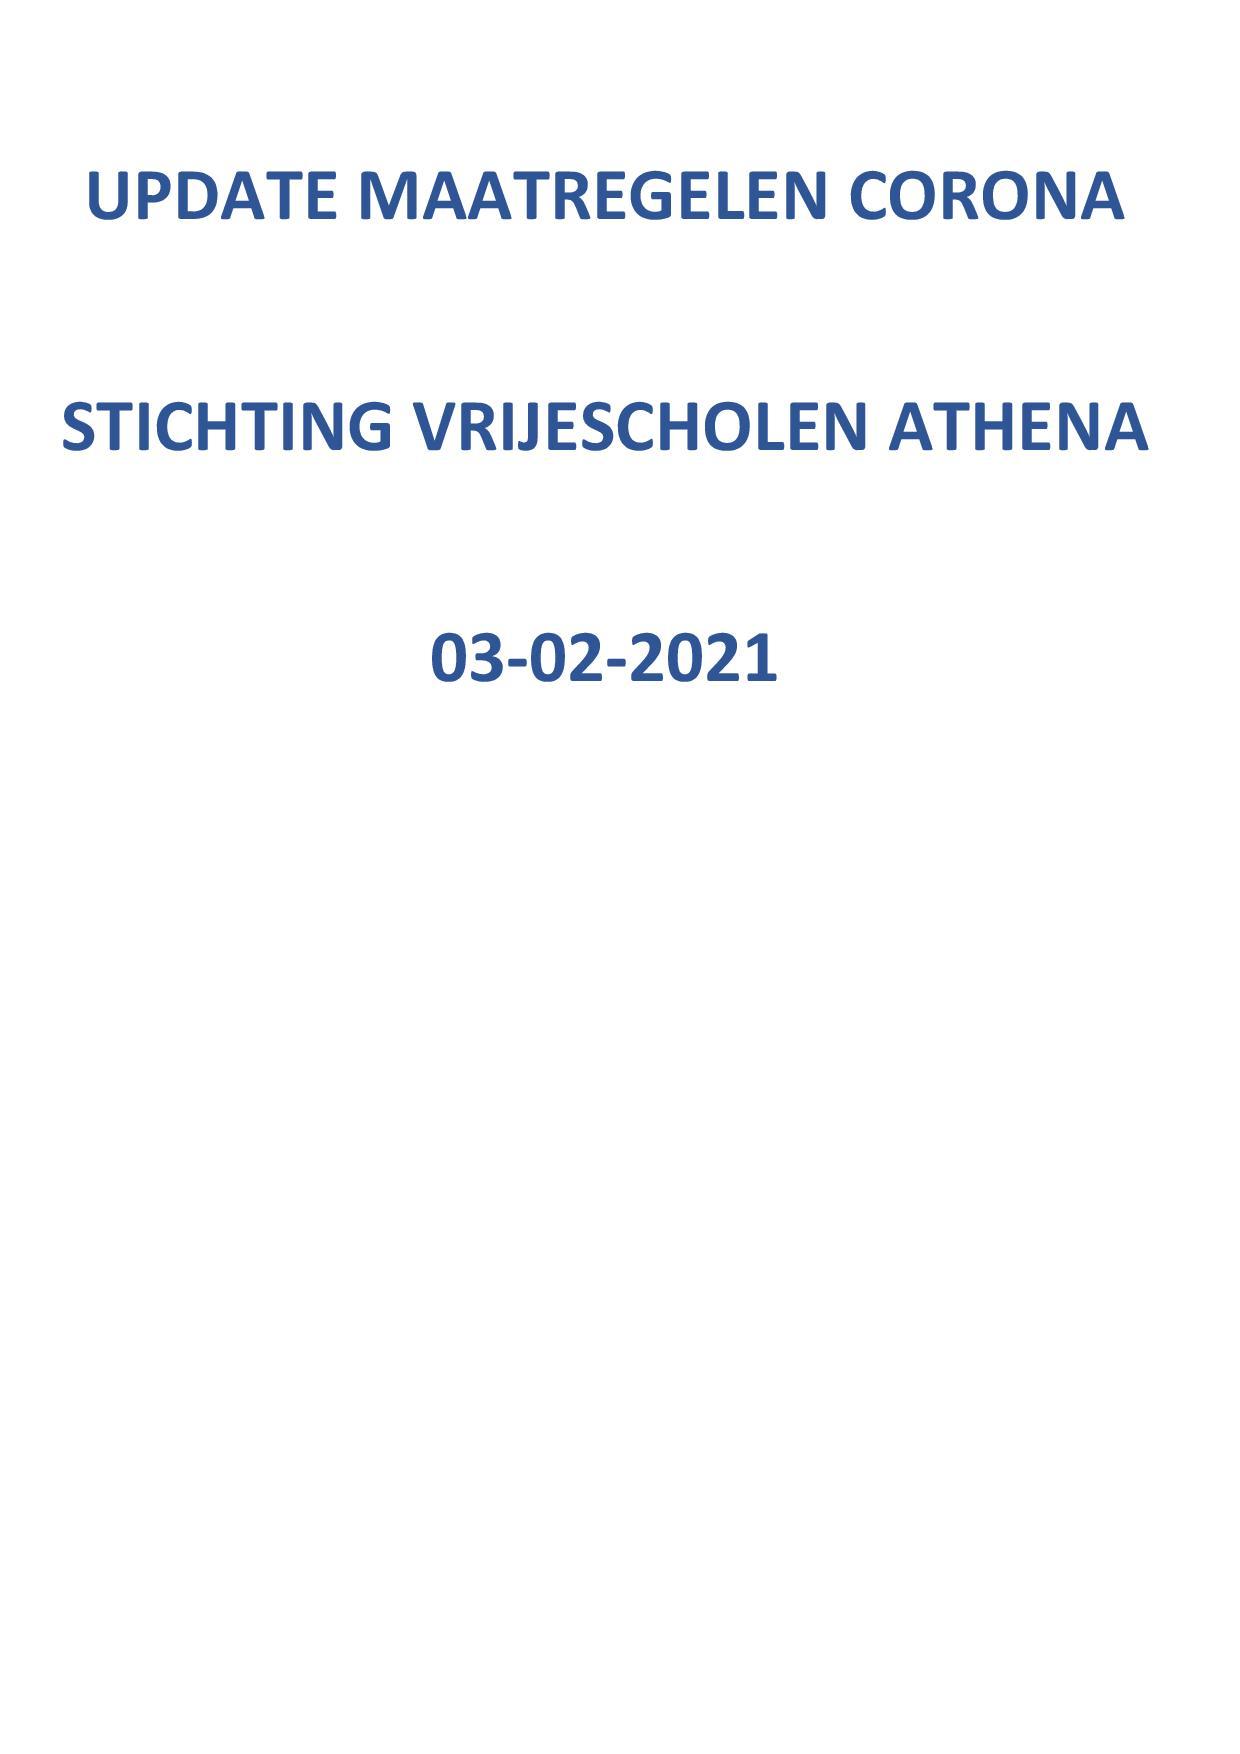 Update Maatregelen Corona Stg. Vrijescholen Athena 03-02-2021